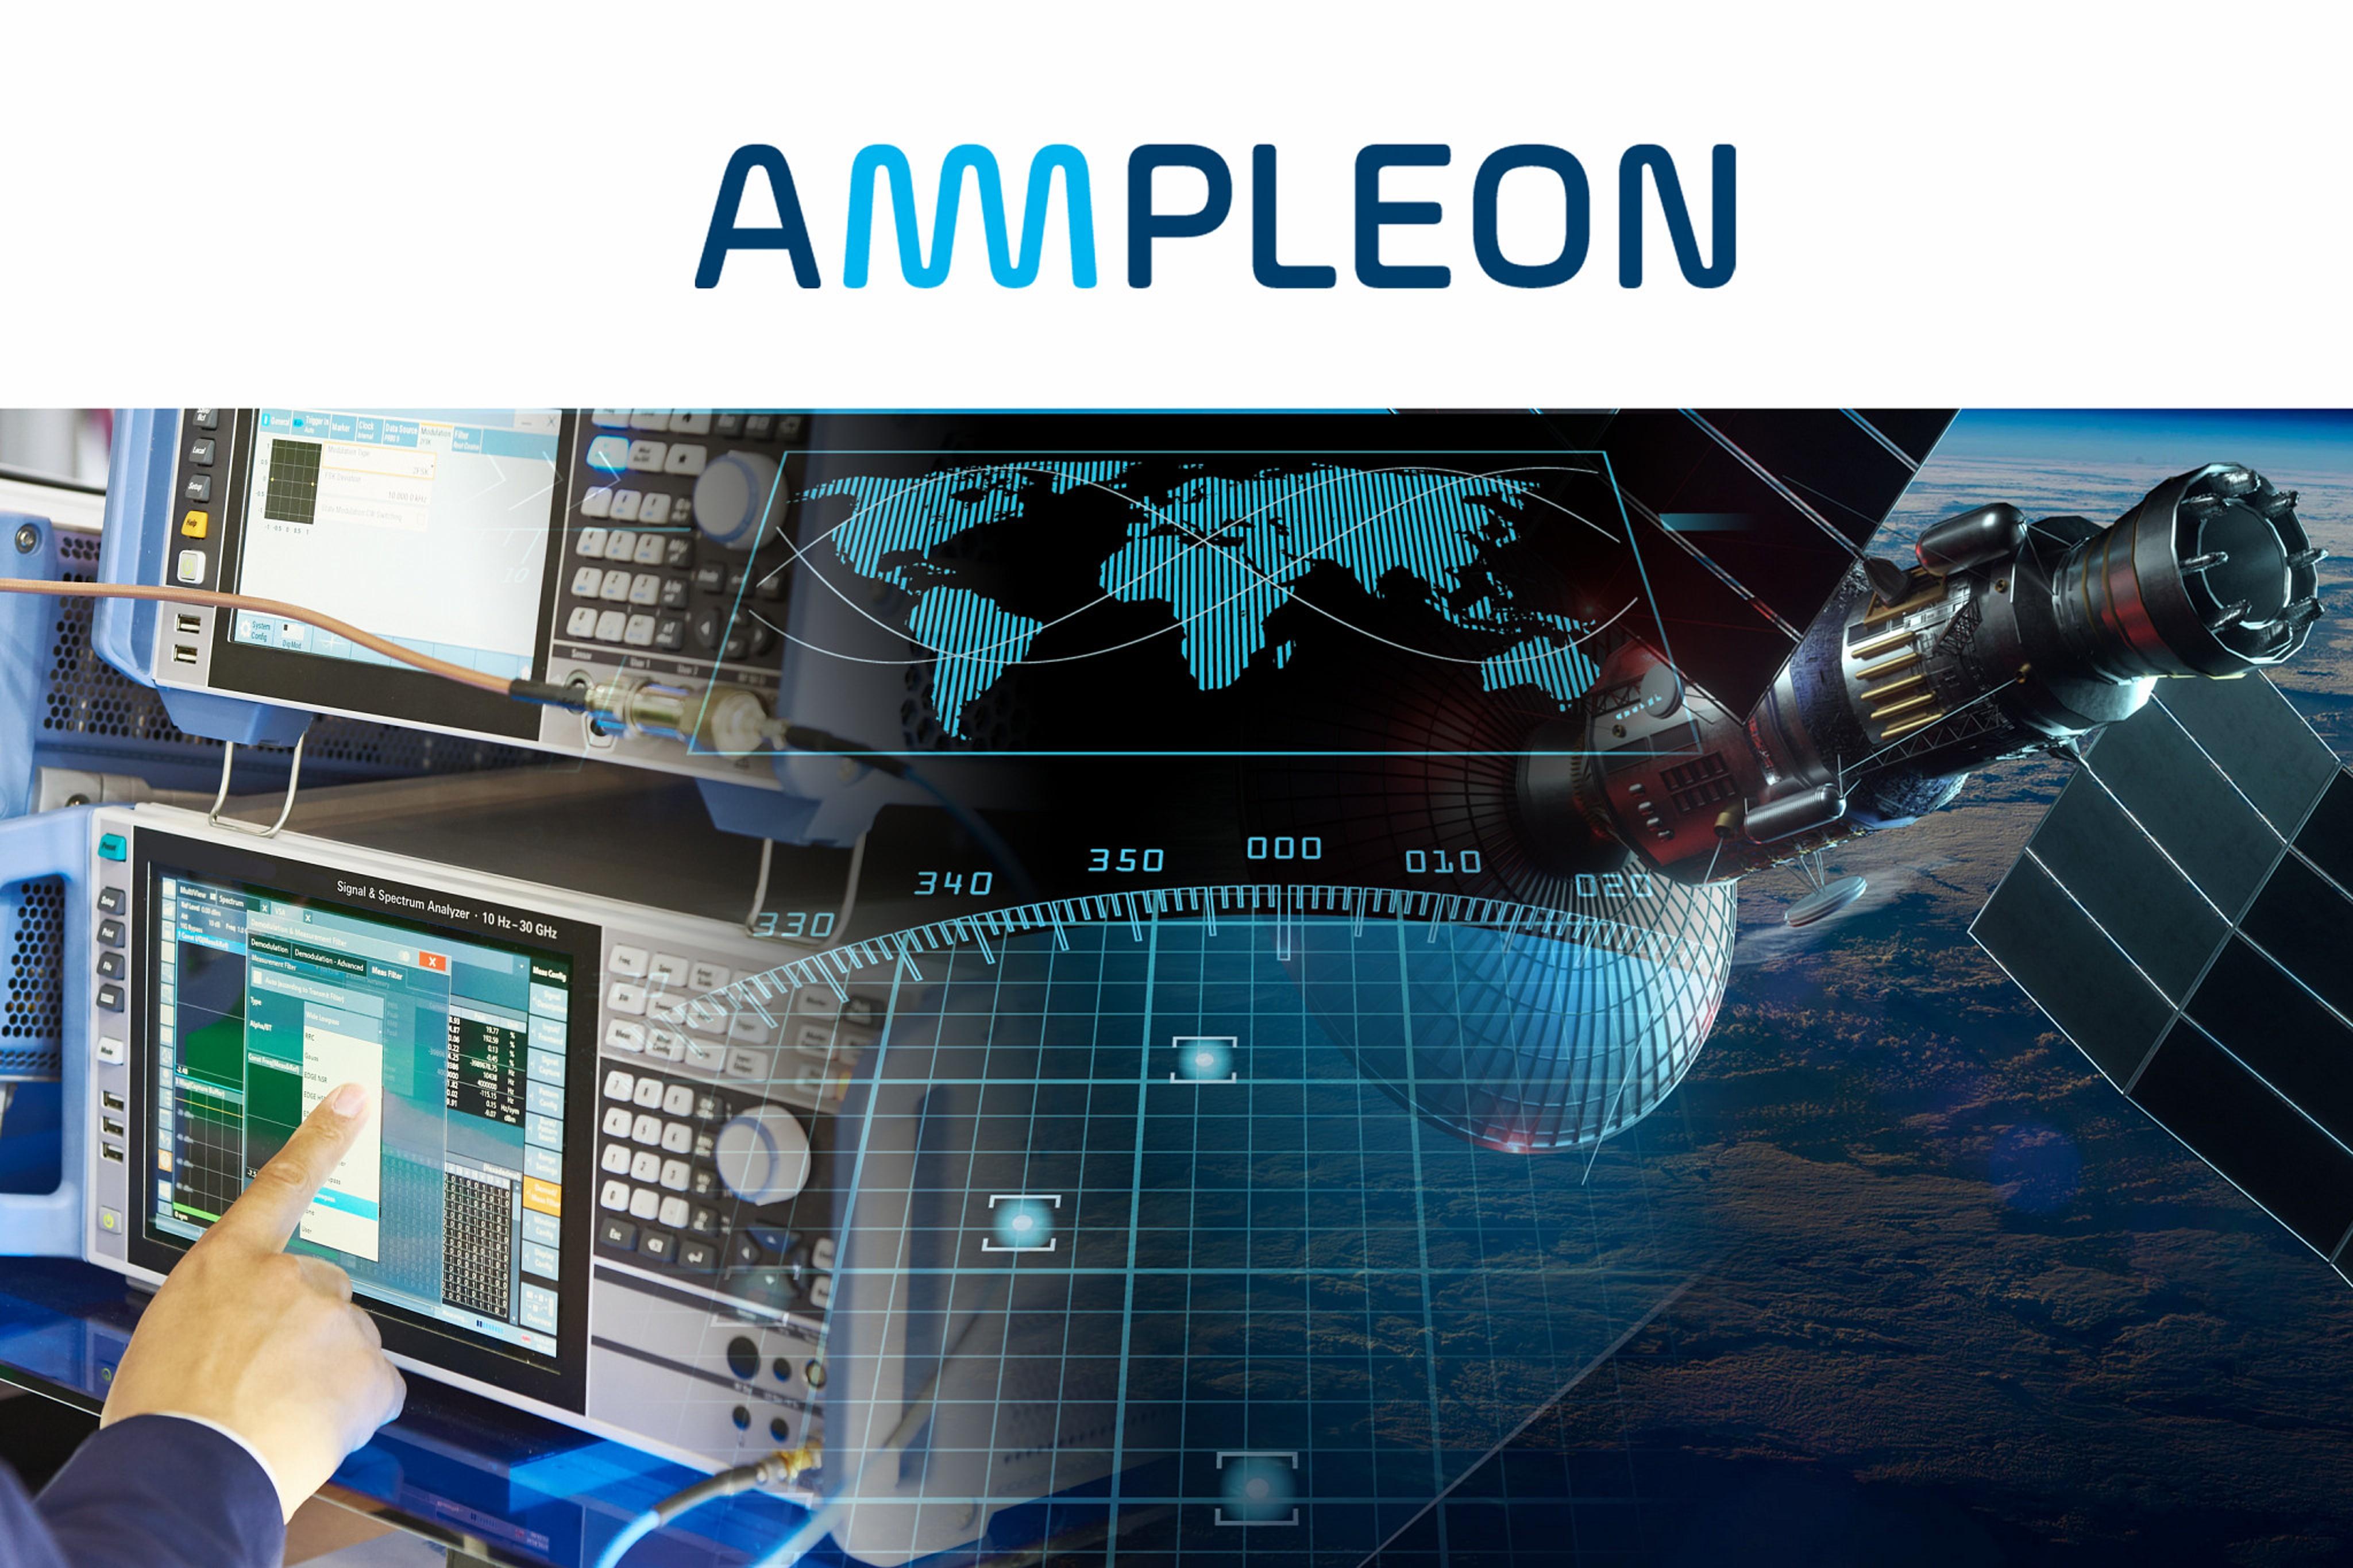 羅徹斯特電子攜手Ampleon,供貨第一代GaN高性能射頻晶體管